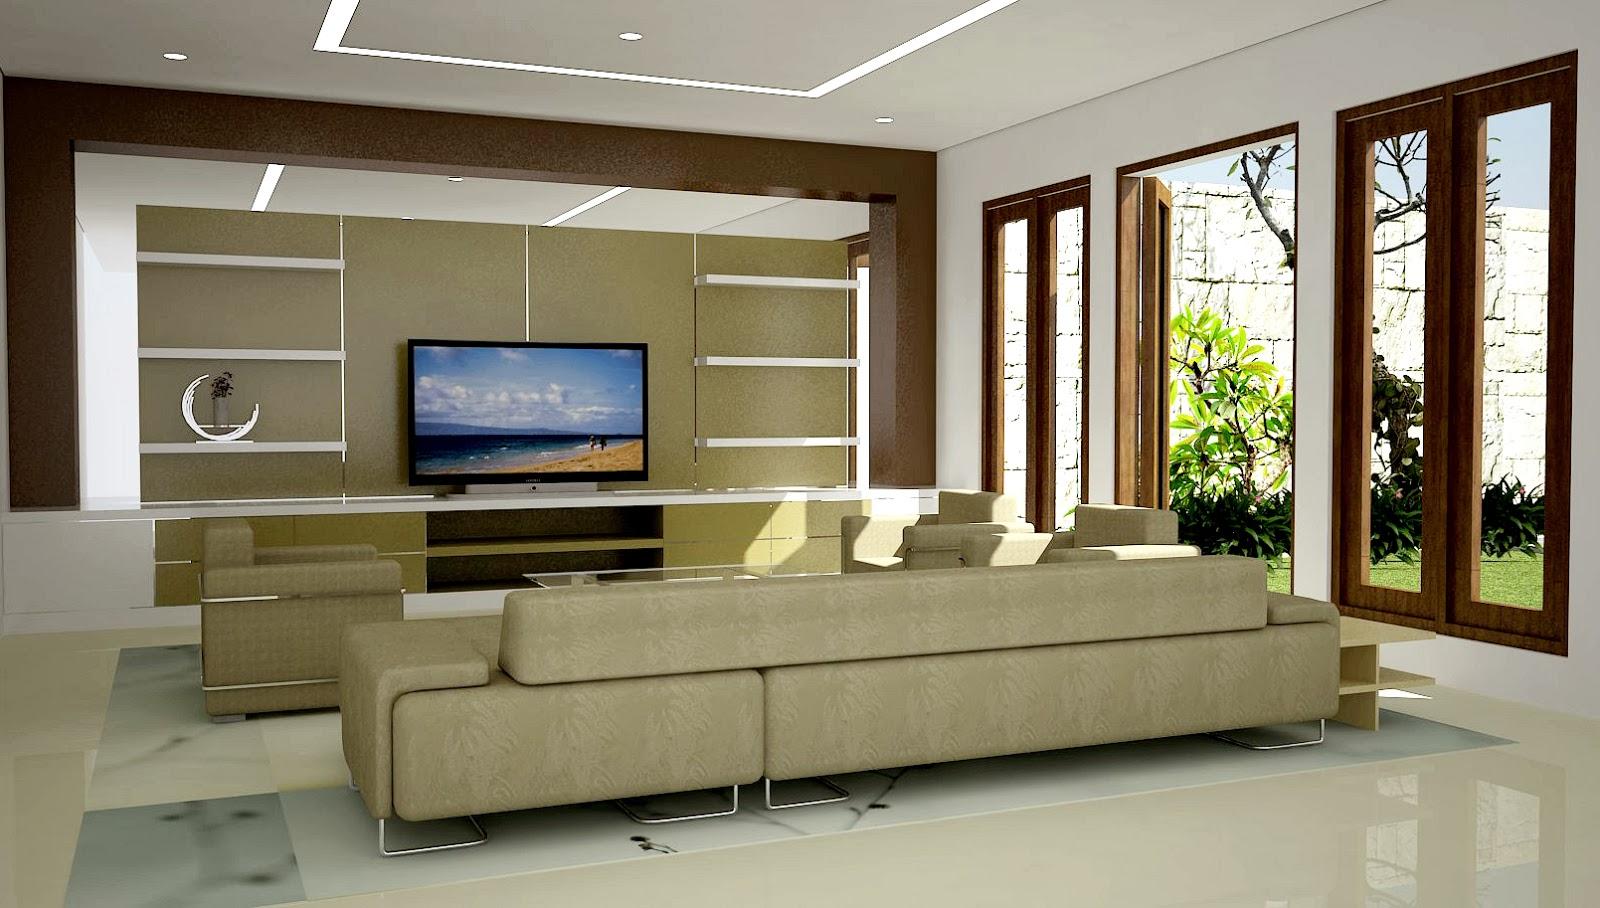 Desain Rumah Ruang Tamu Luas Wallpaper Dinding